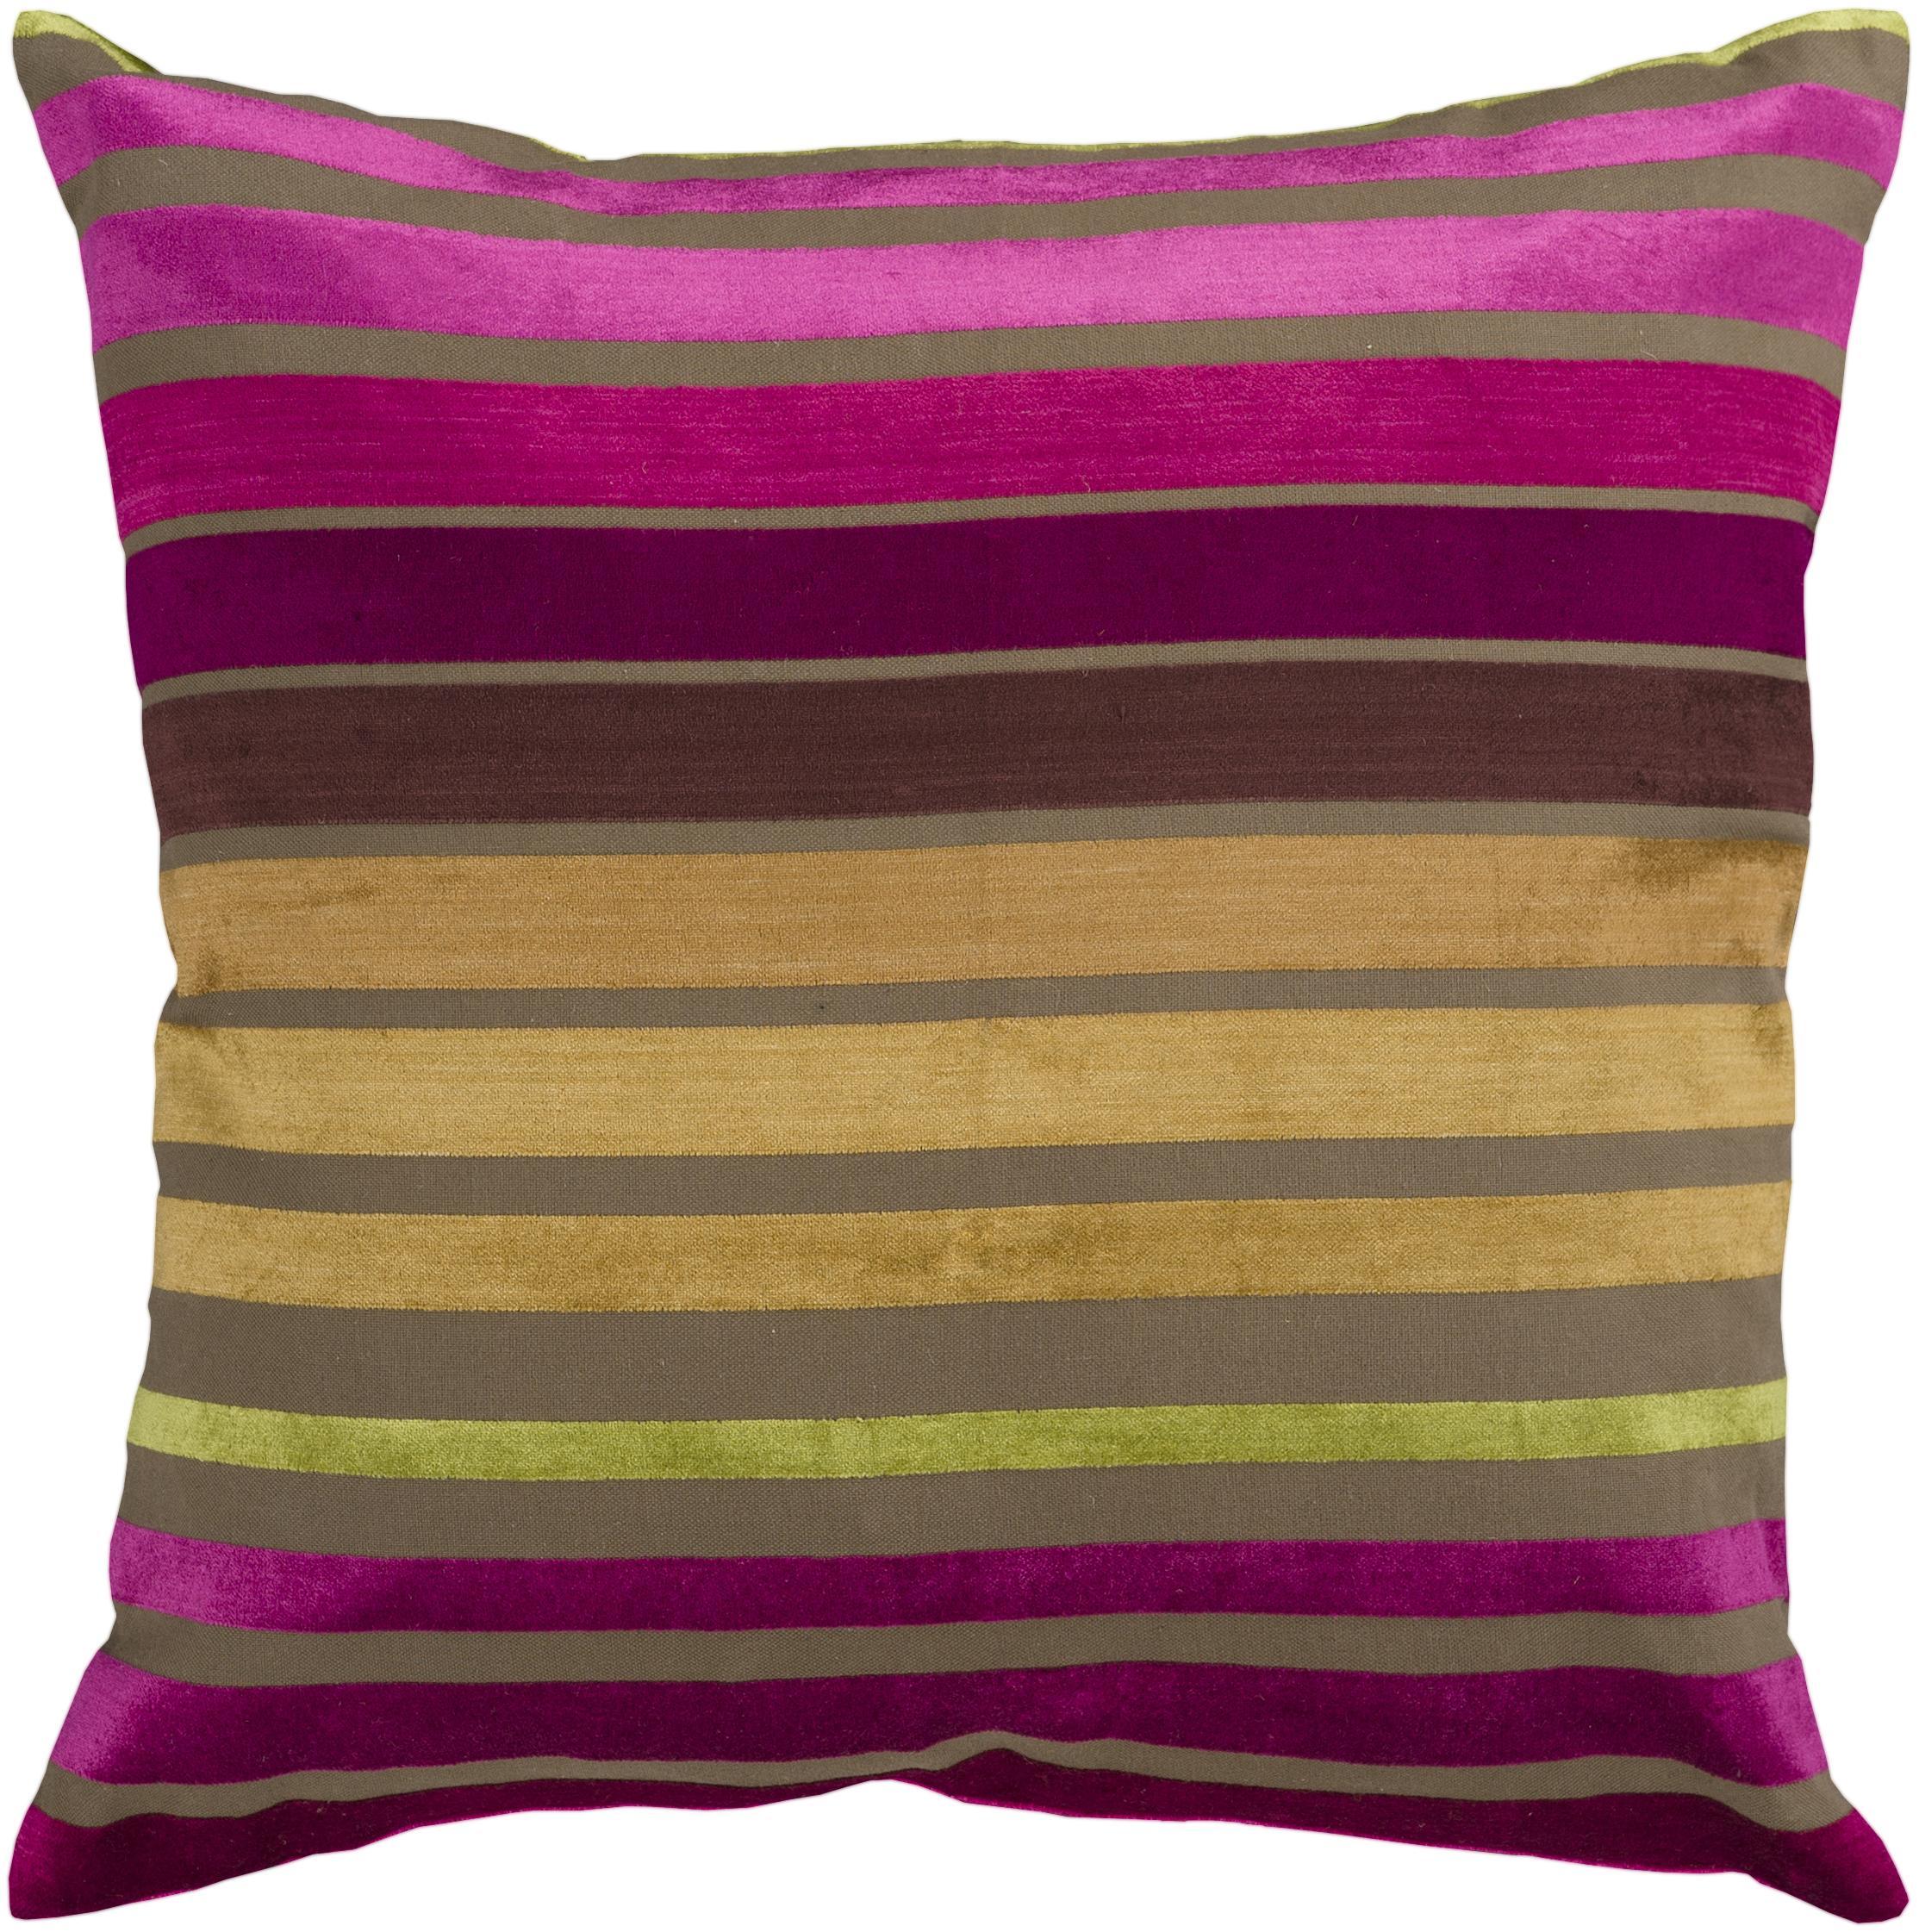 """Surya Pillows 18"""" x 18"""" Pillow - Item Number: JS020-1818P"""